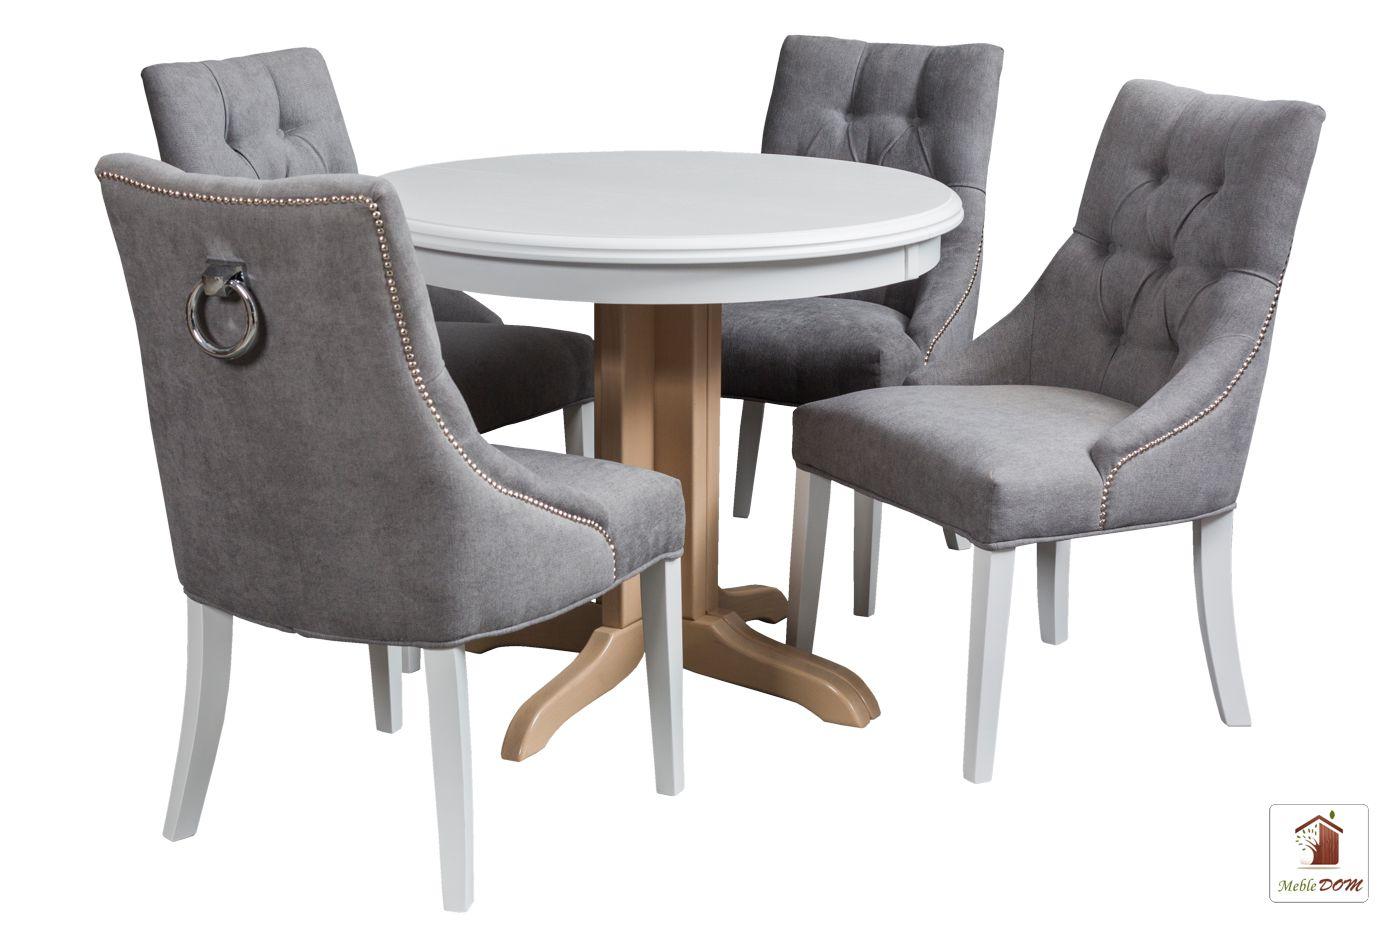 Okrągły stół rozkładany Rocabilly z krzesłami Diana